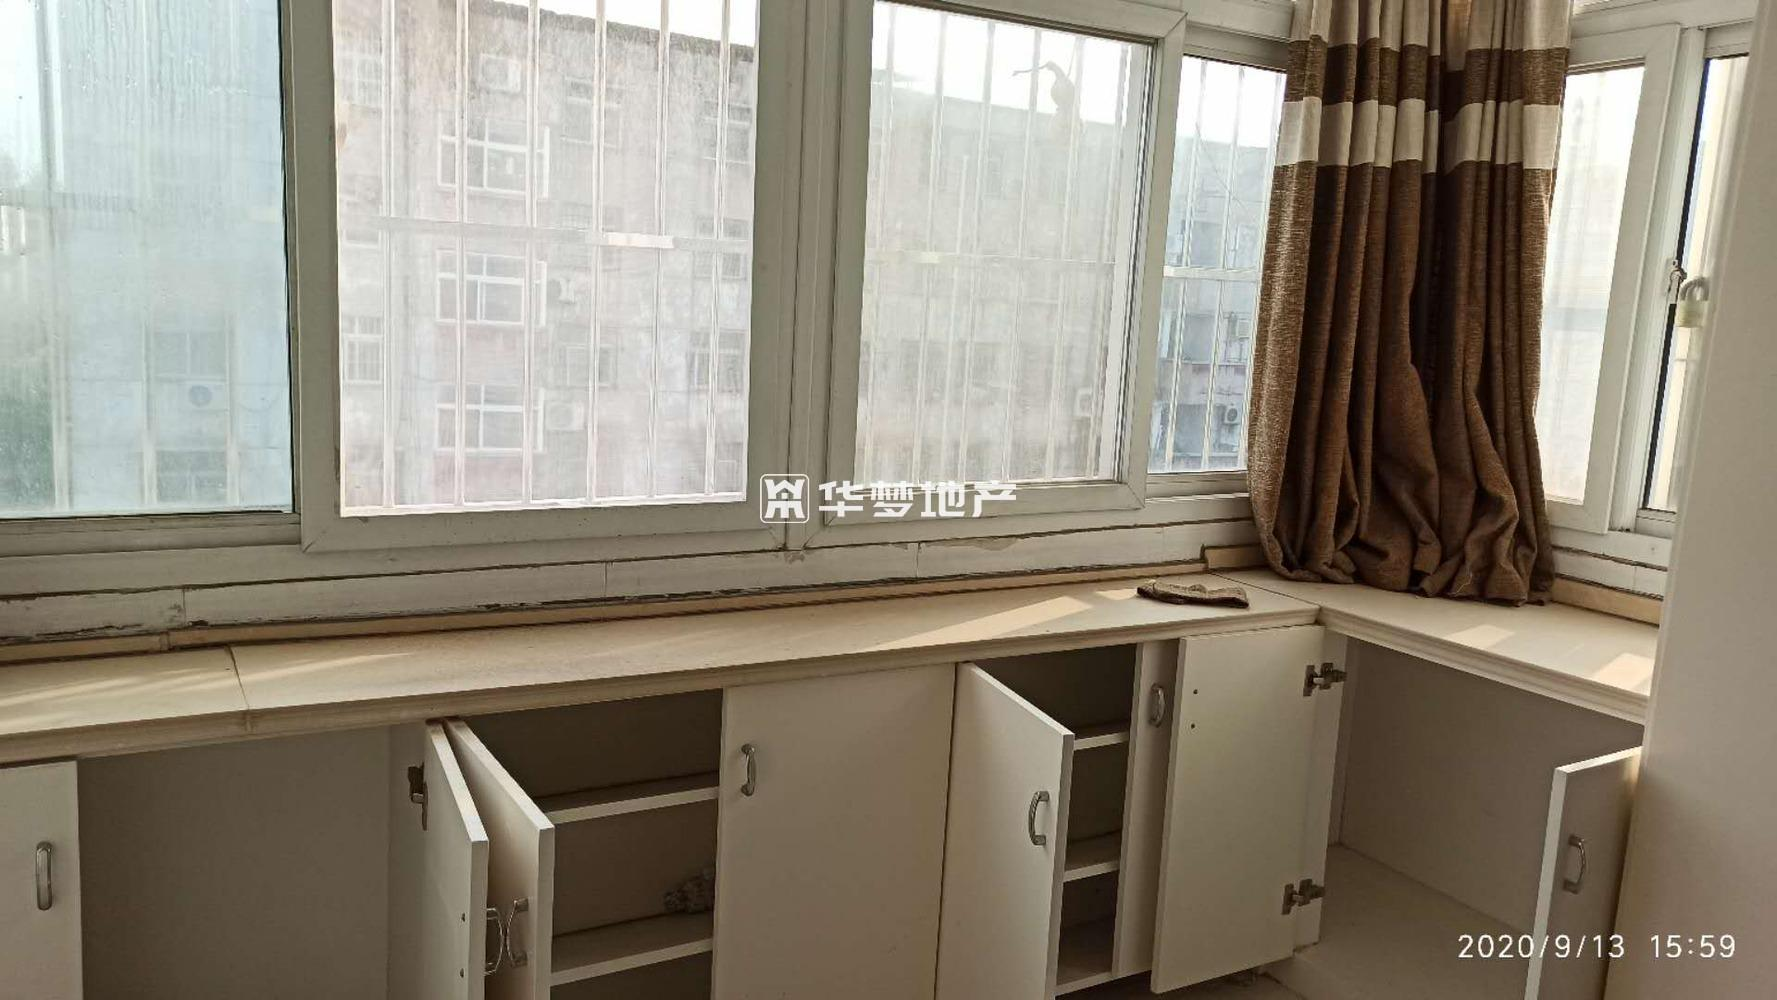 胡村供销社东楼(宣坊街从南查第二栋)